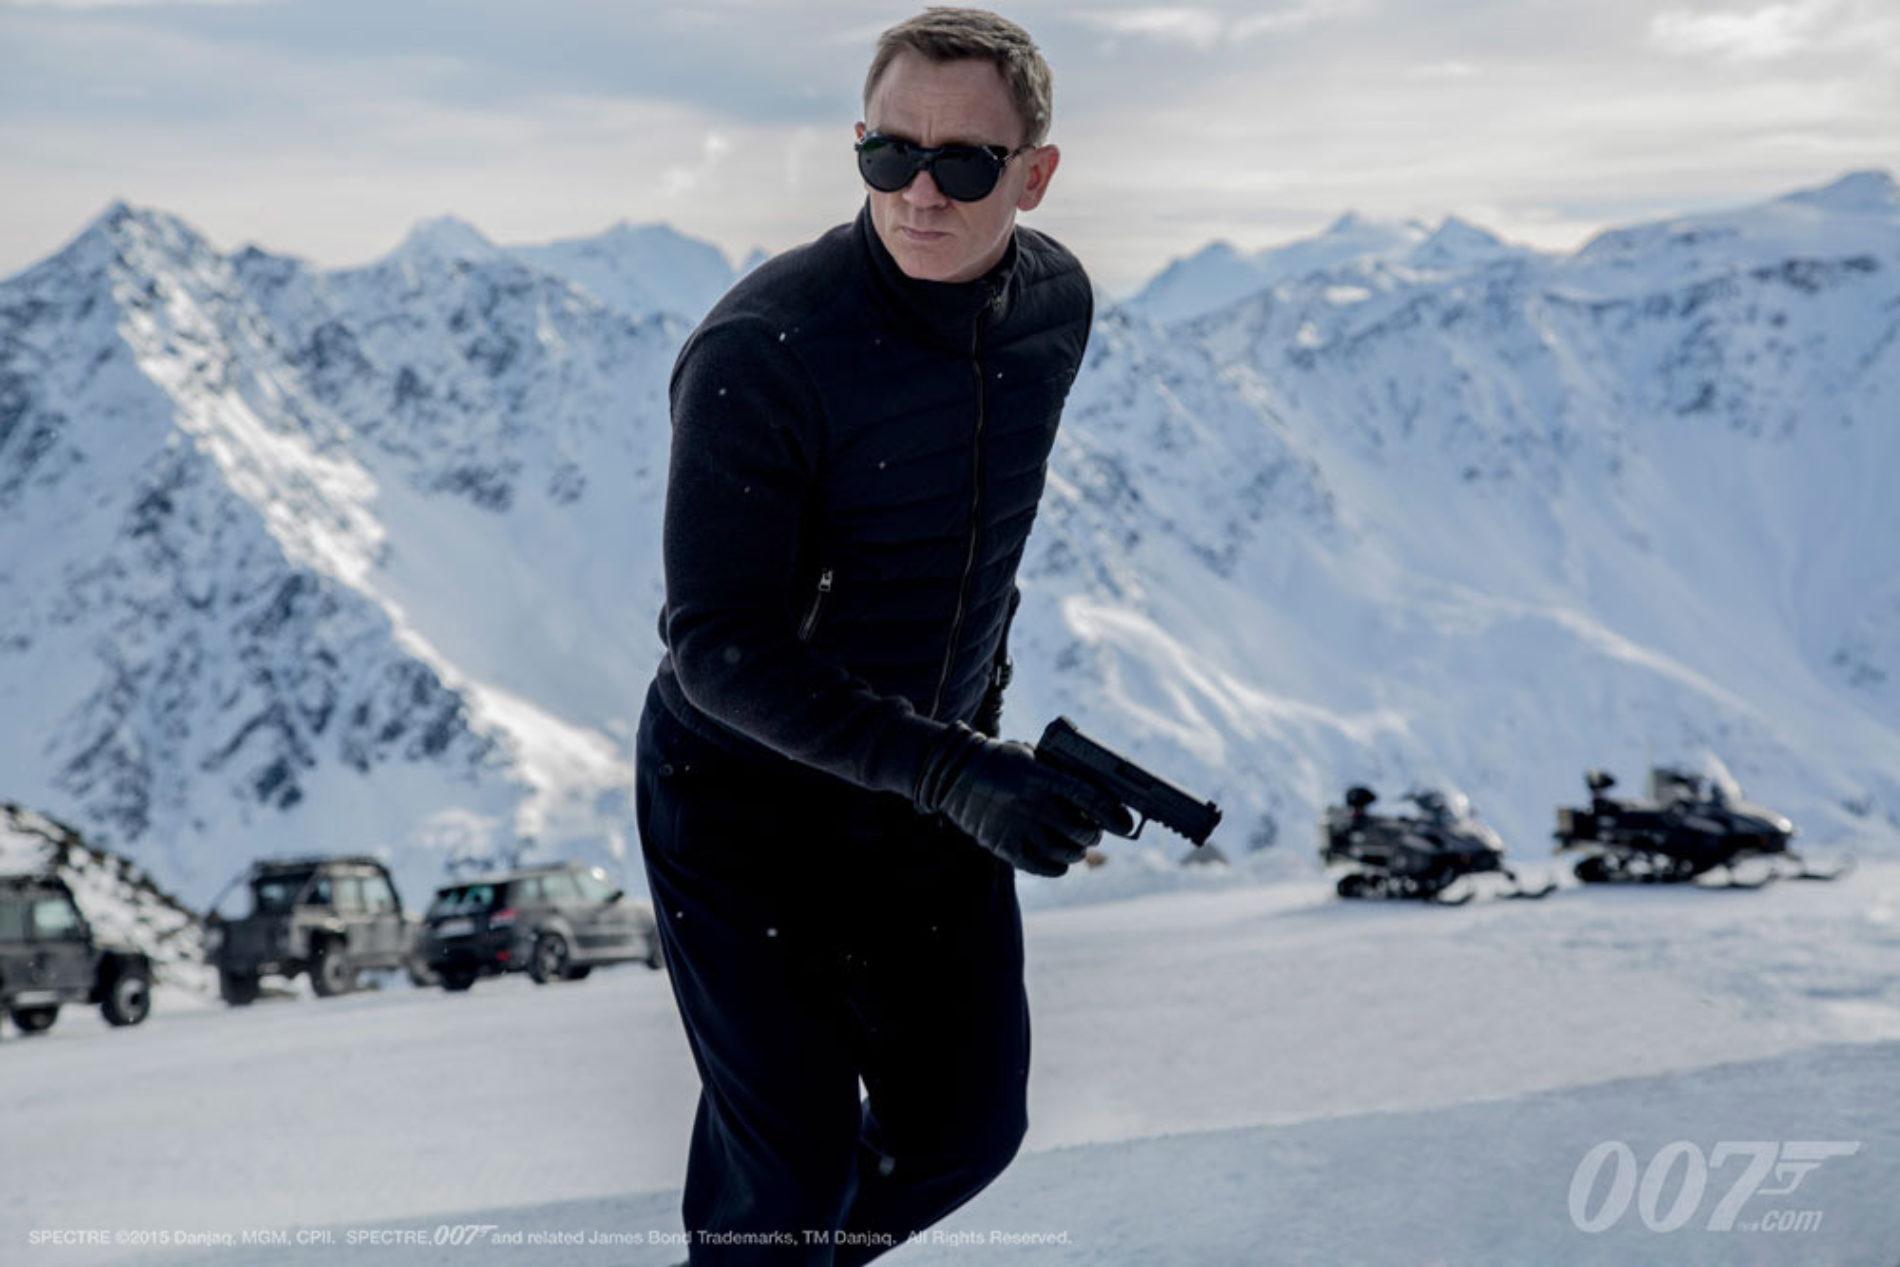 007 SPECTRE, RÉCORD DE TAQUILLA EN TODOS LOS TIEMPOS